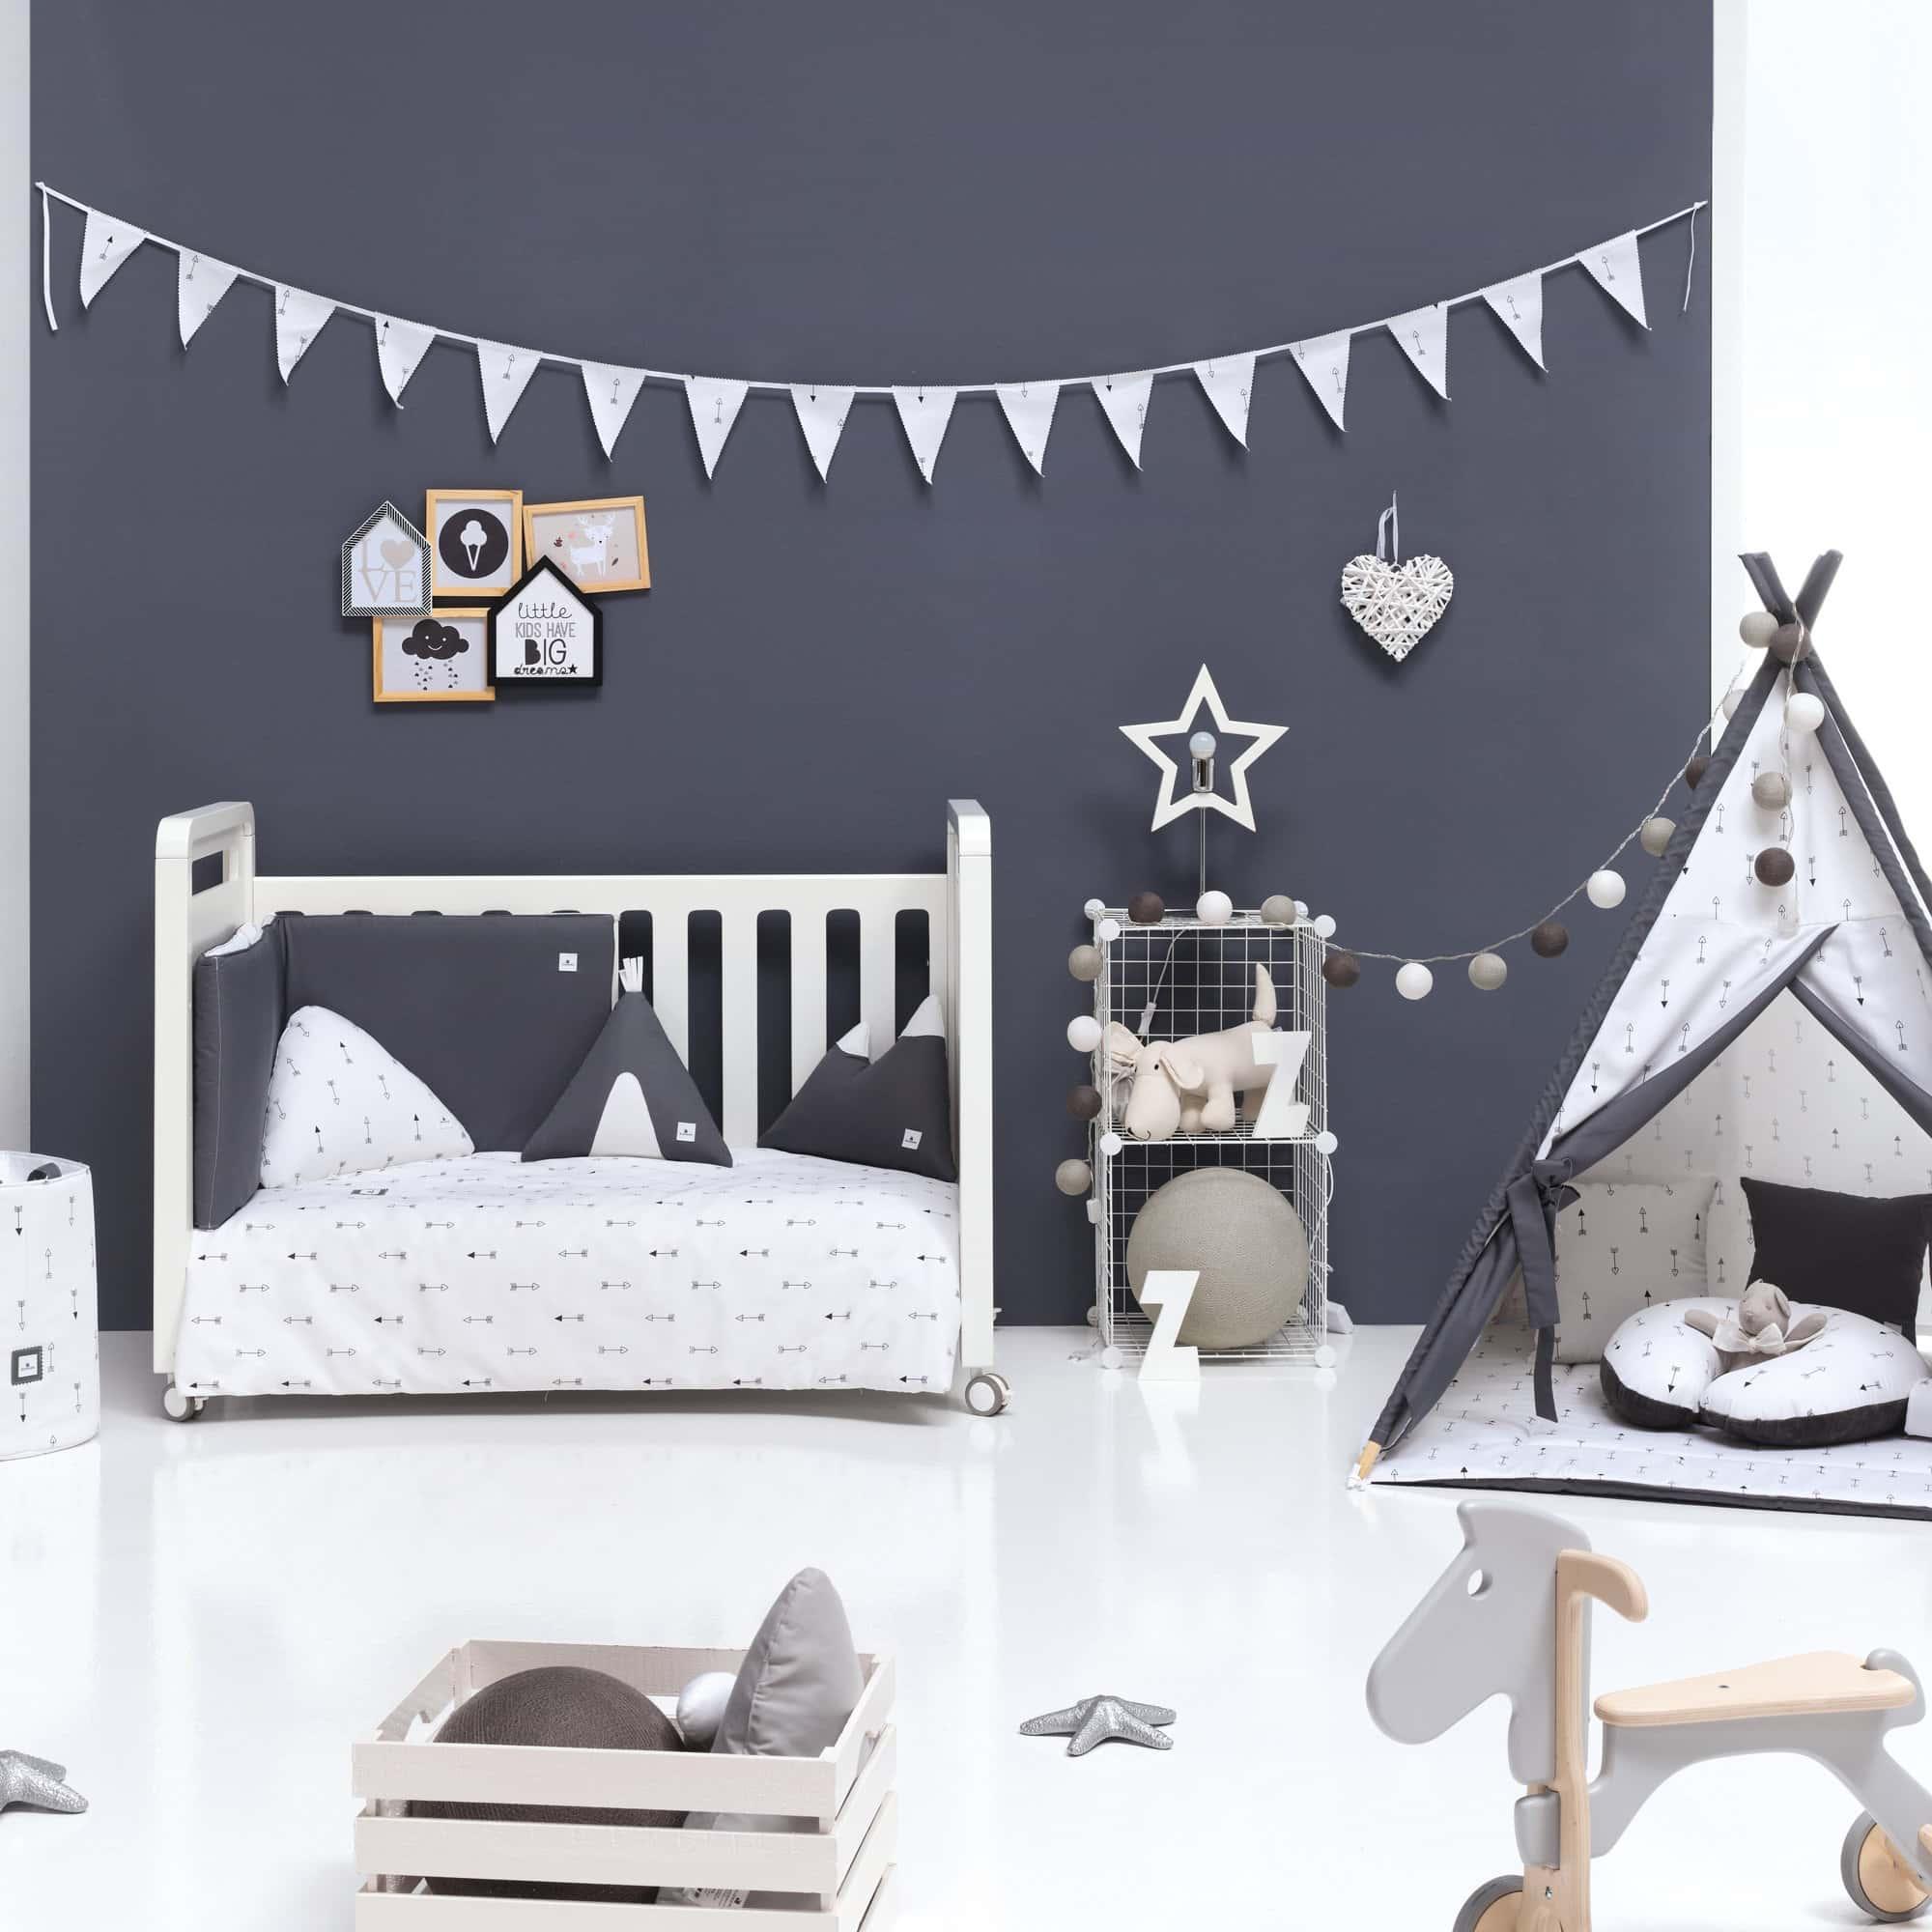 Ofertas mobiliario y deco infantil